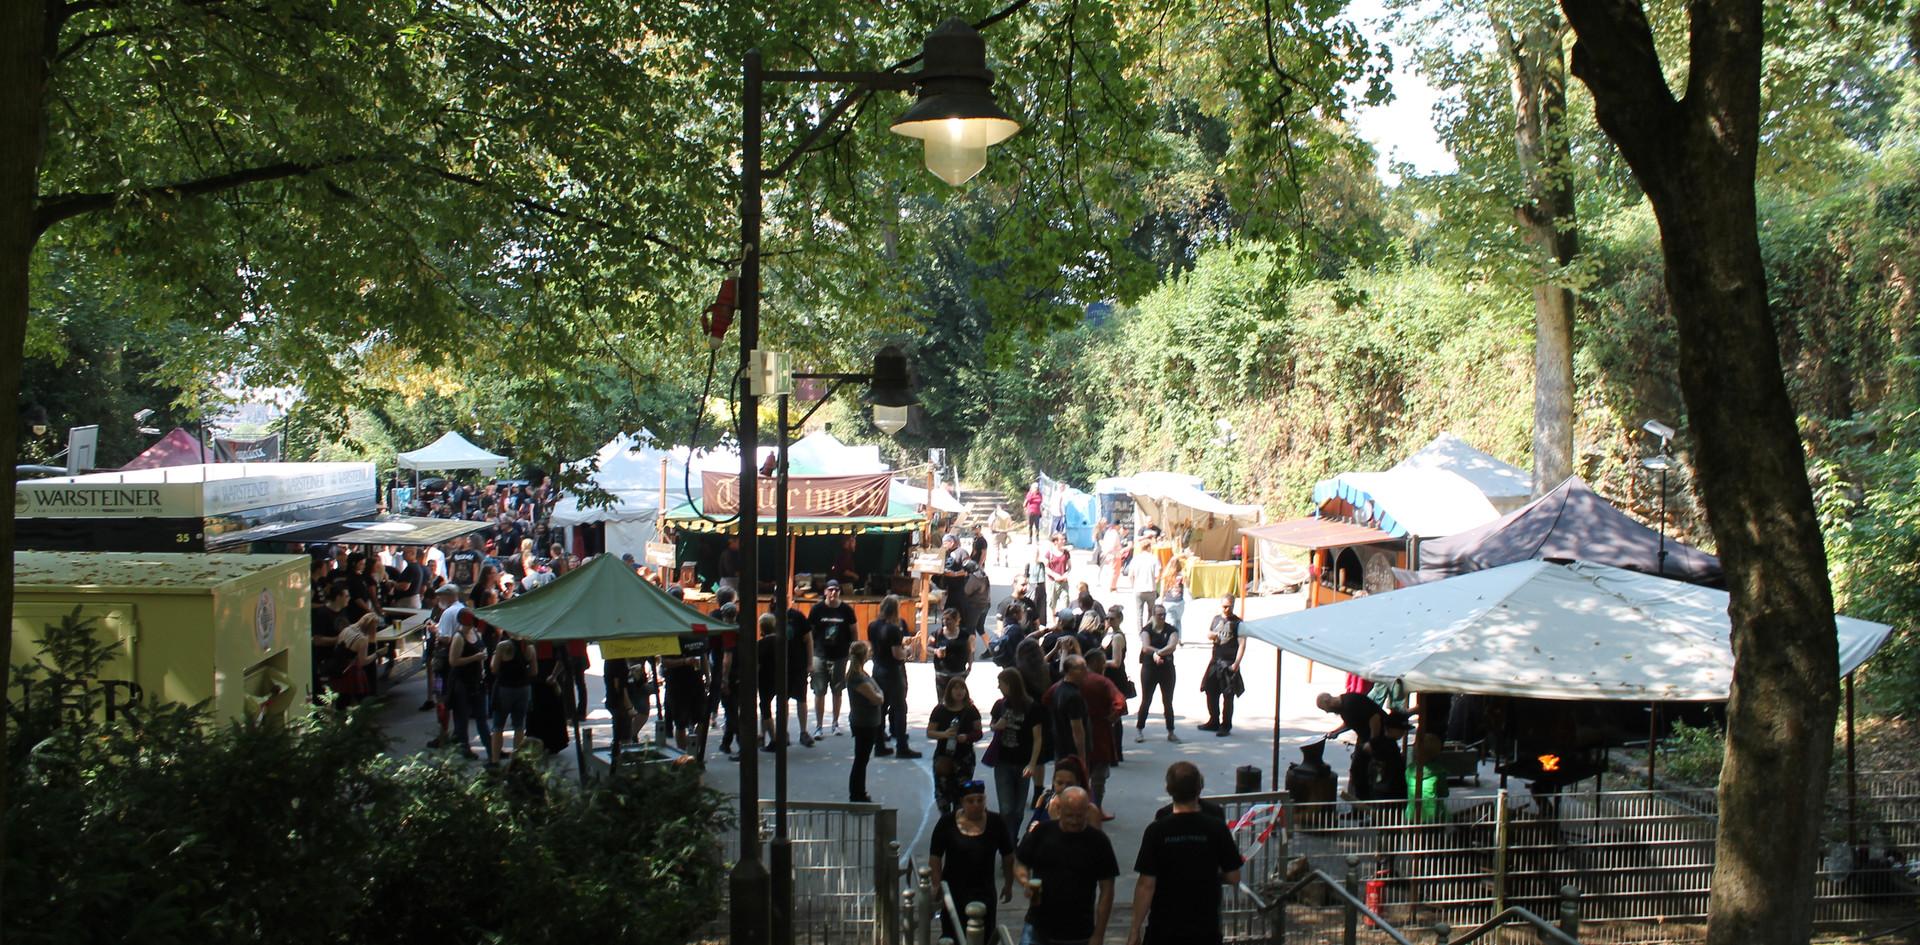 Blick vom Bühnenaufgang auf den Mittelaltermarkt